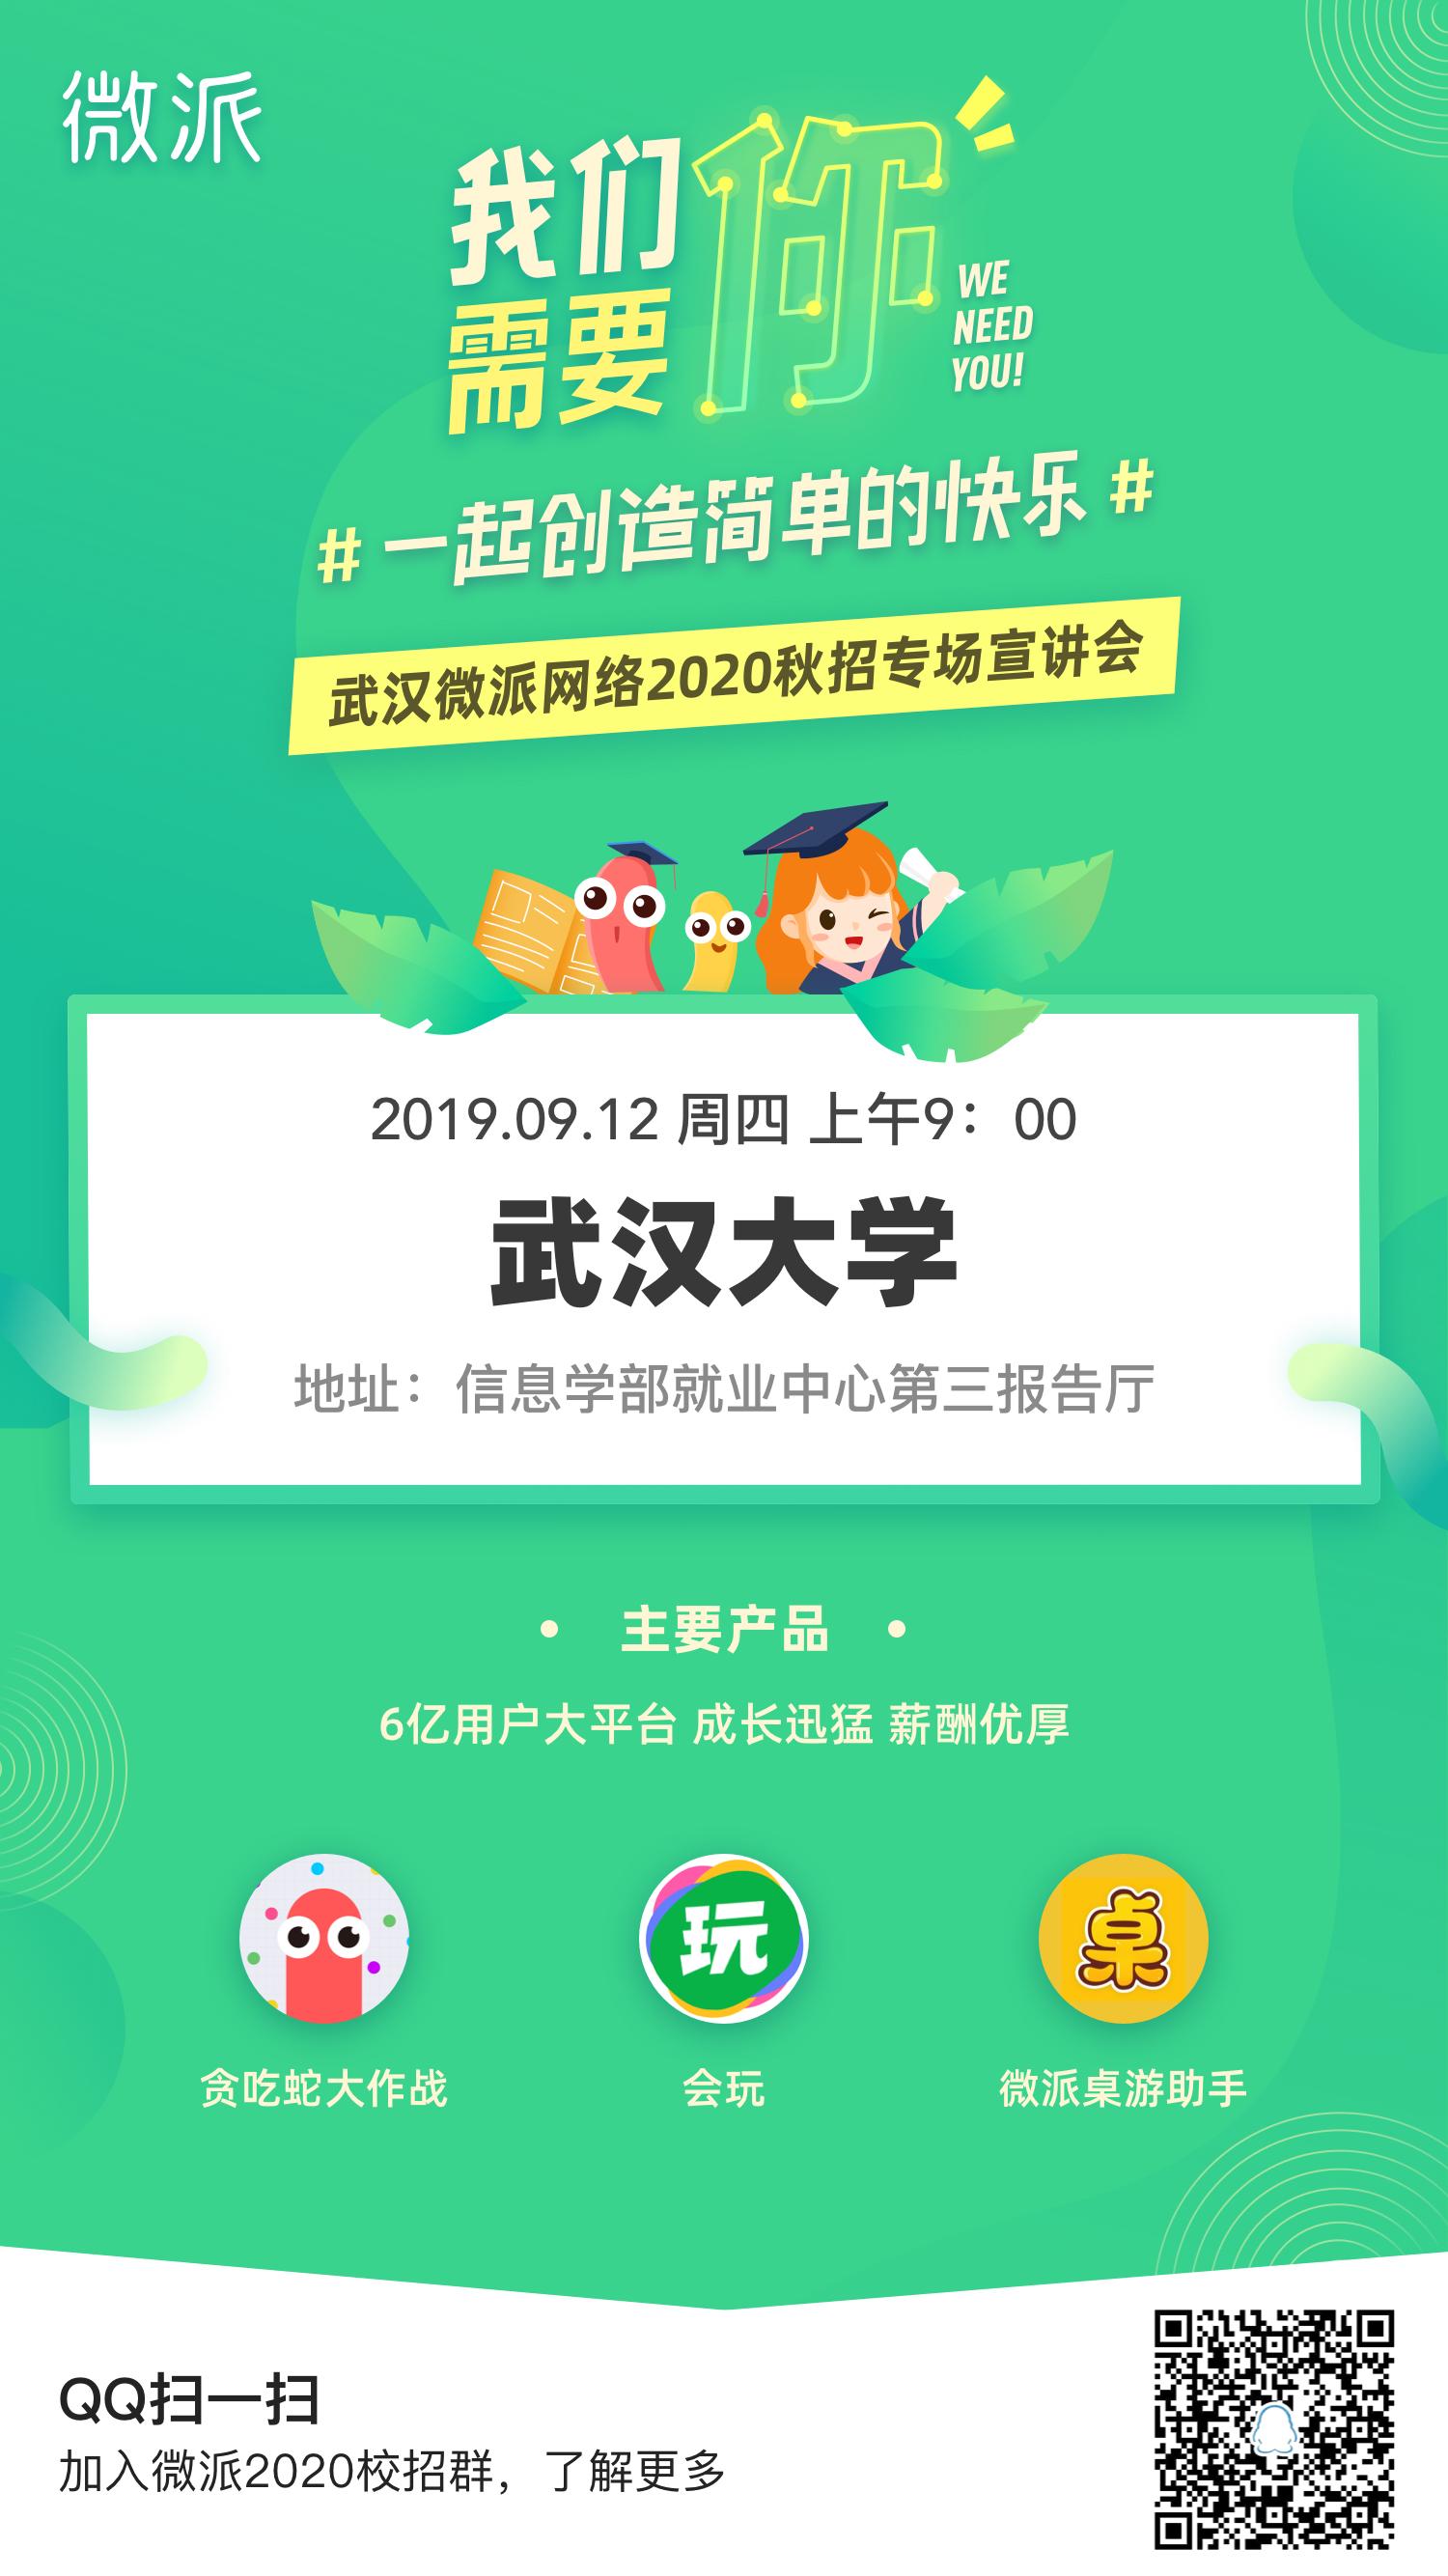 武大海报.JPG